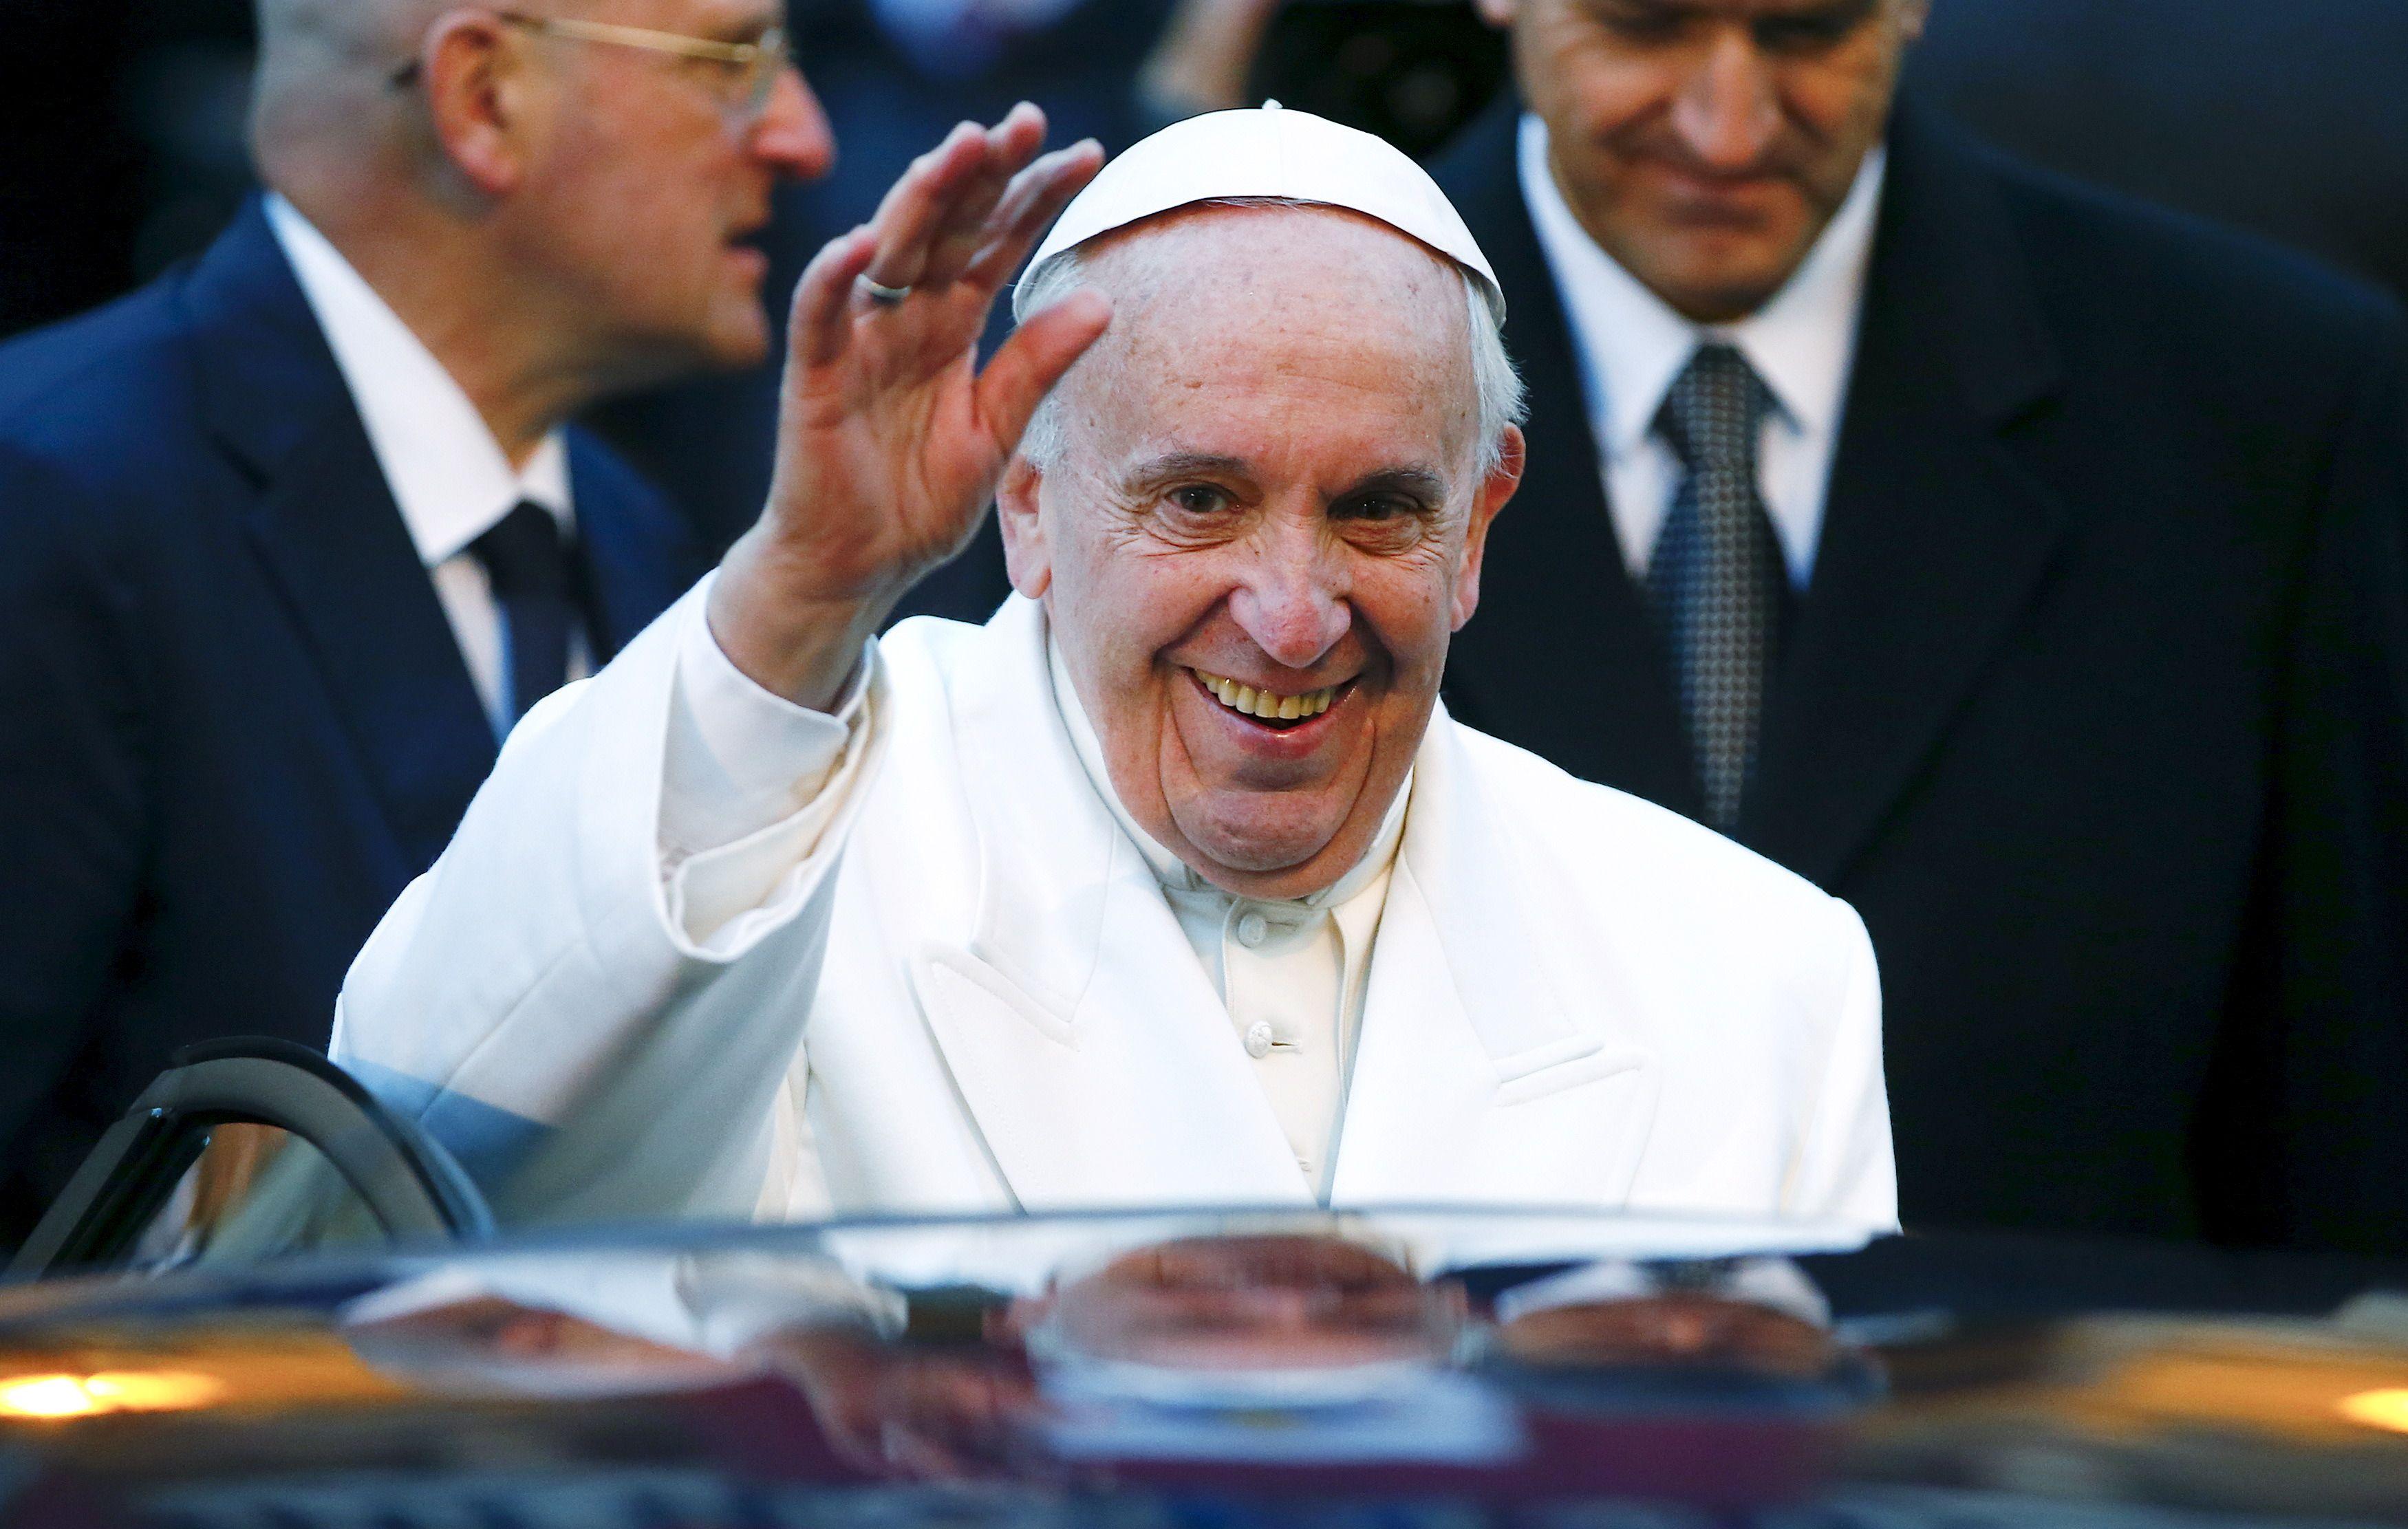 Tensions politiques sur l'Eglise : mais qu'a voulu signifier le pape François en disant qu'il ne sait pas d'où vient Emmanuel Macron ?